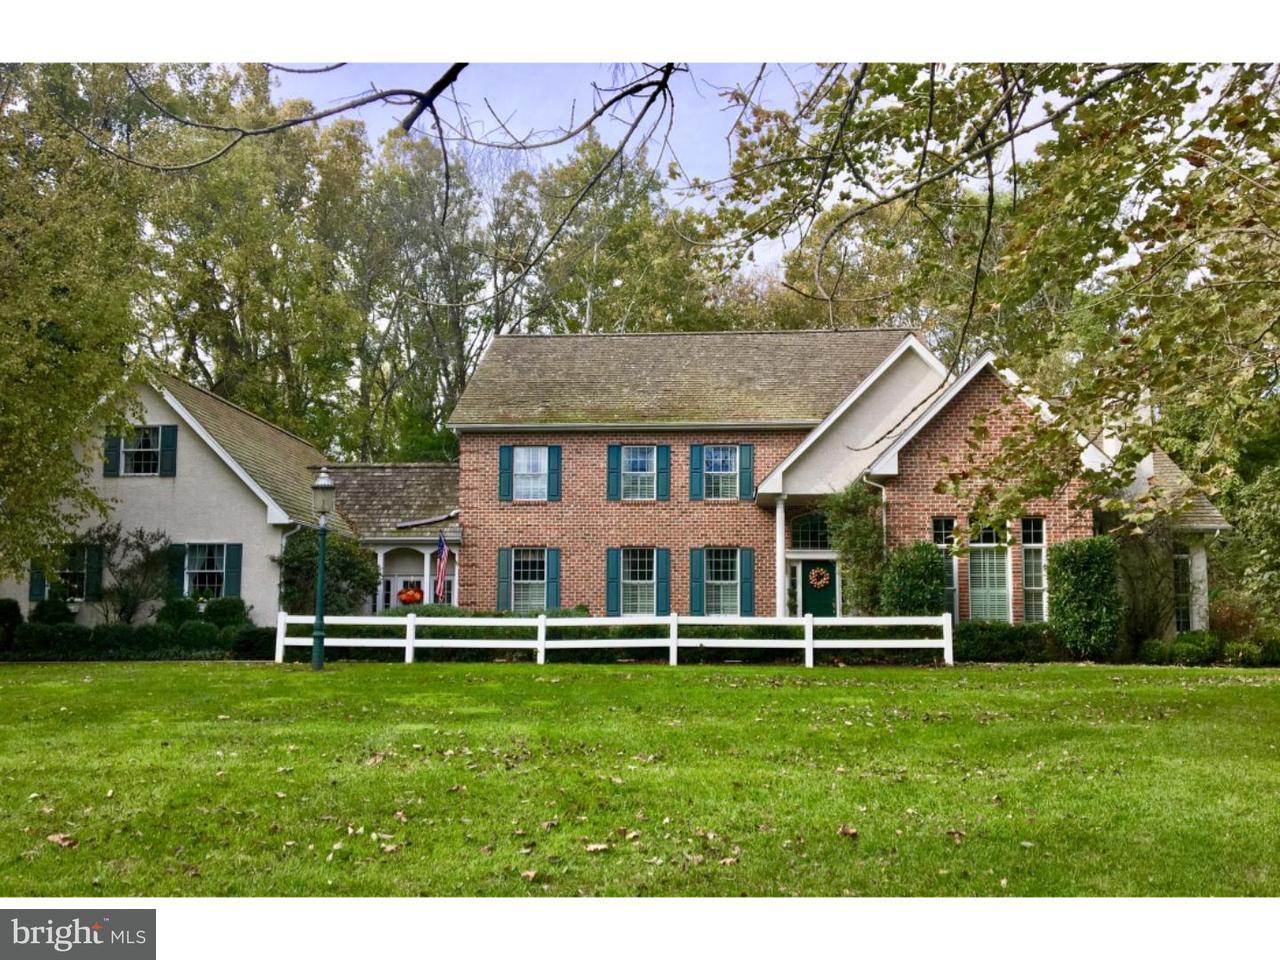 Single Family Home for Sale at 626 CREEK Lane Flourtown, Pennsylvania 19031 United States